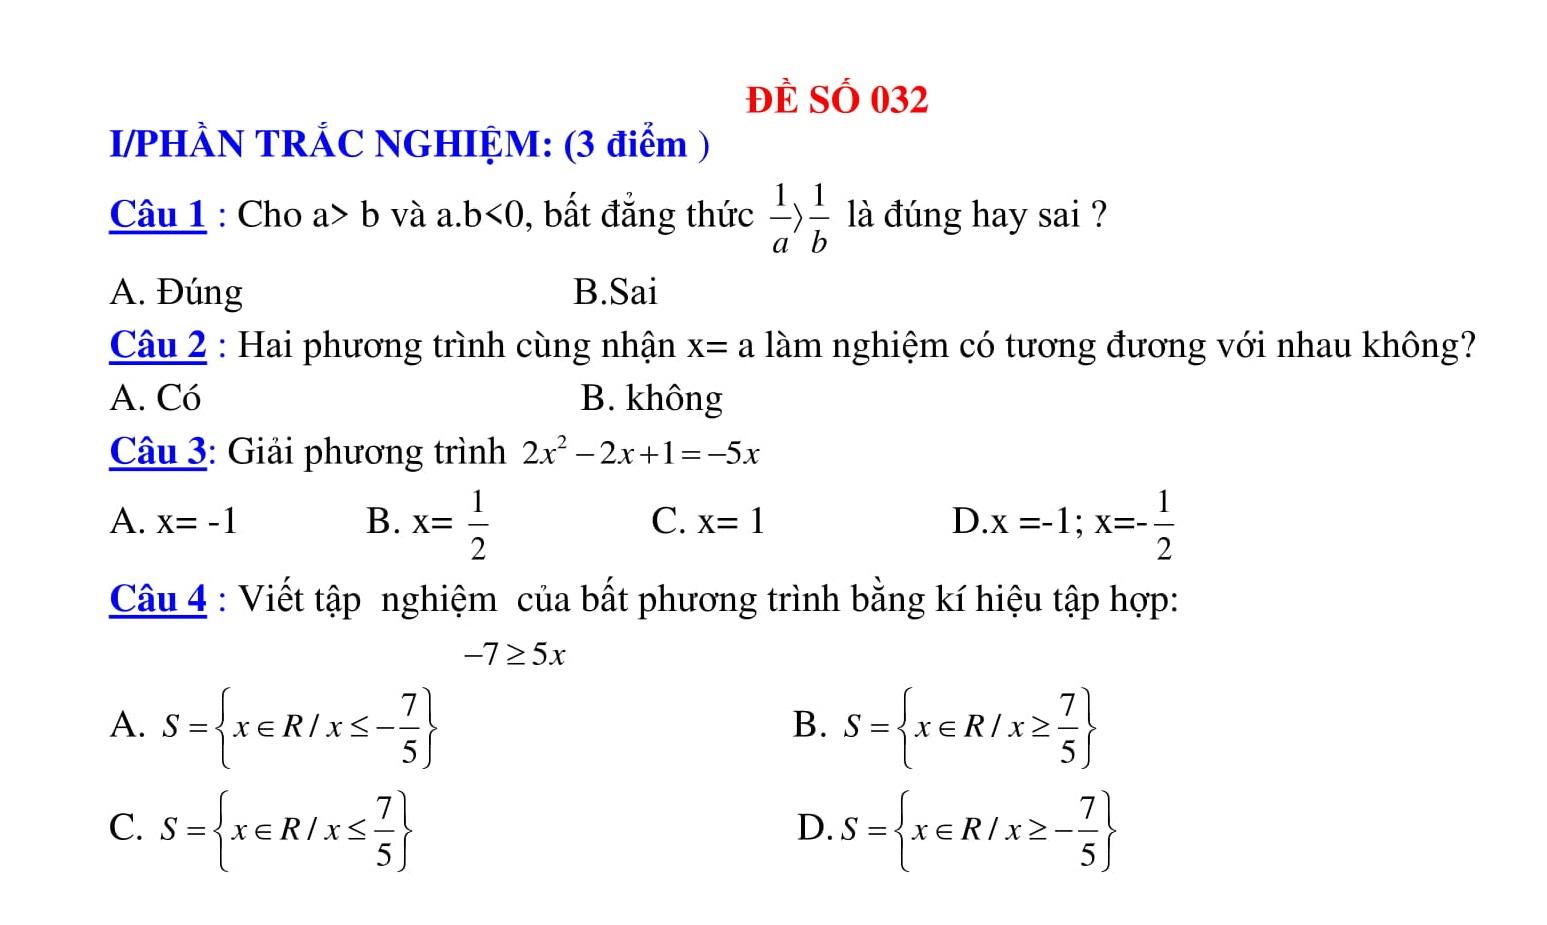 27 Đề thi HK2 Toán 8 có đáp án